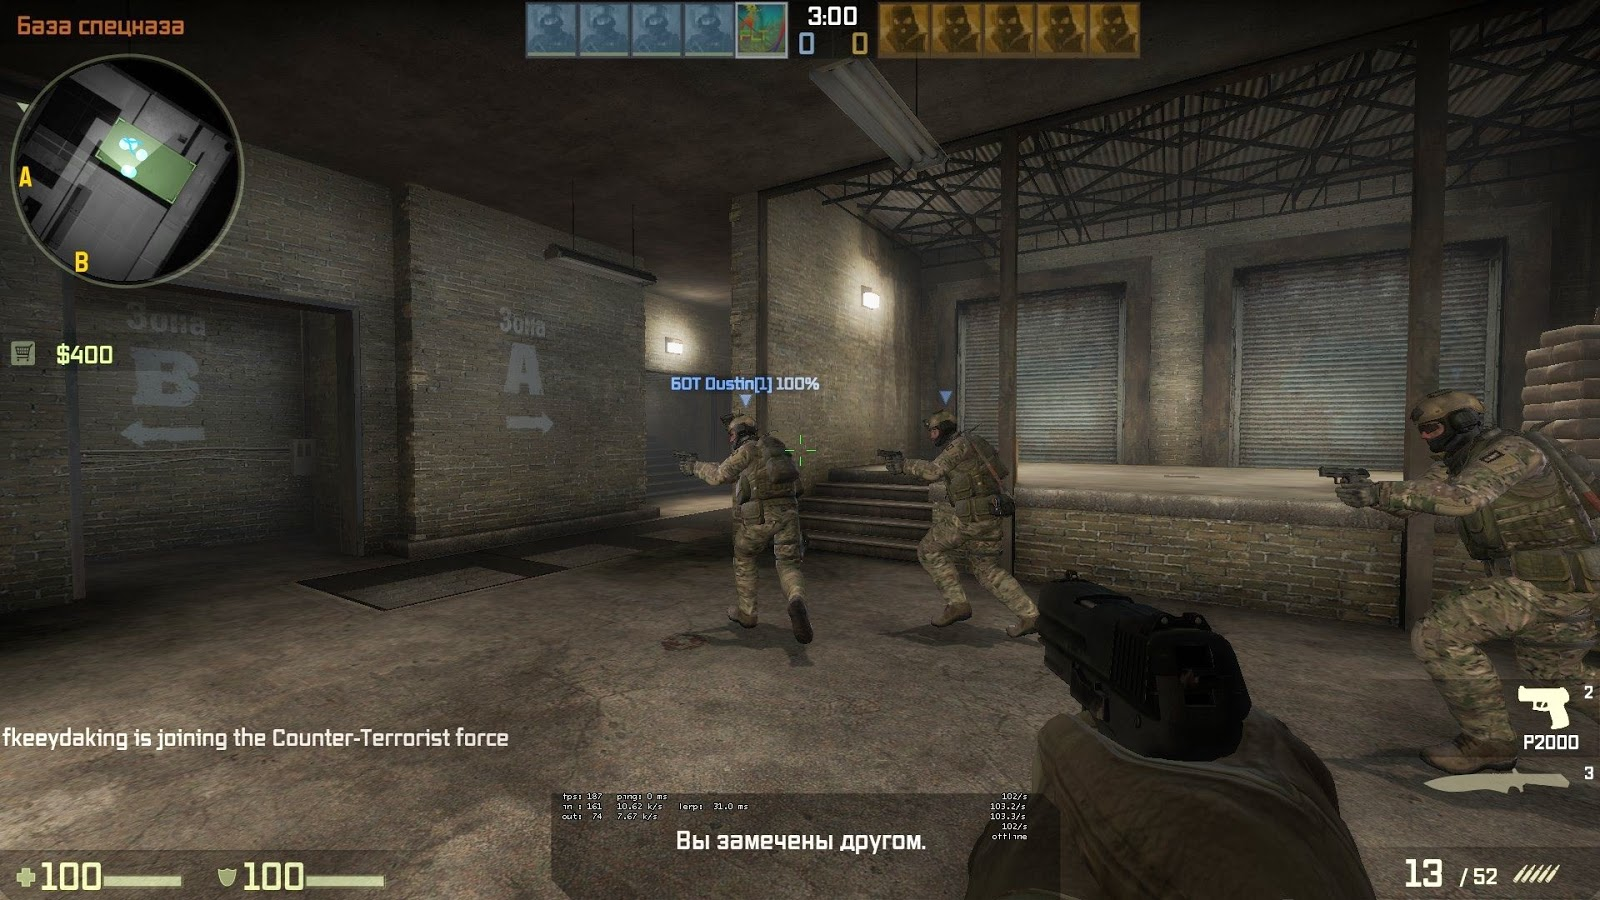 Download game counter strike source gratis full version